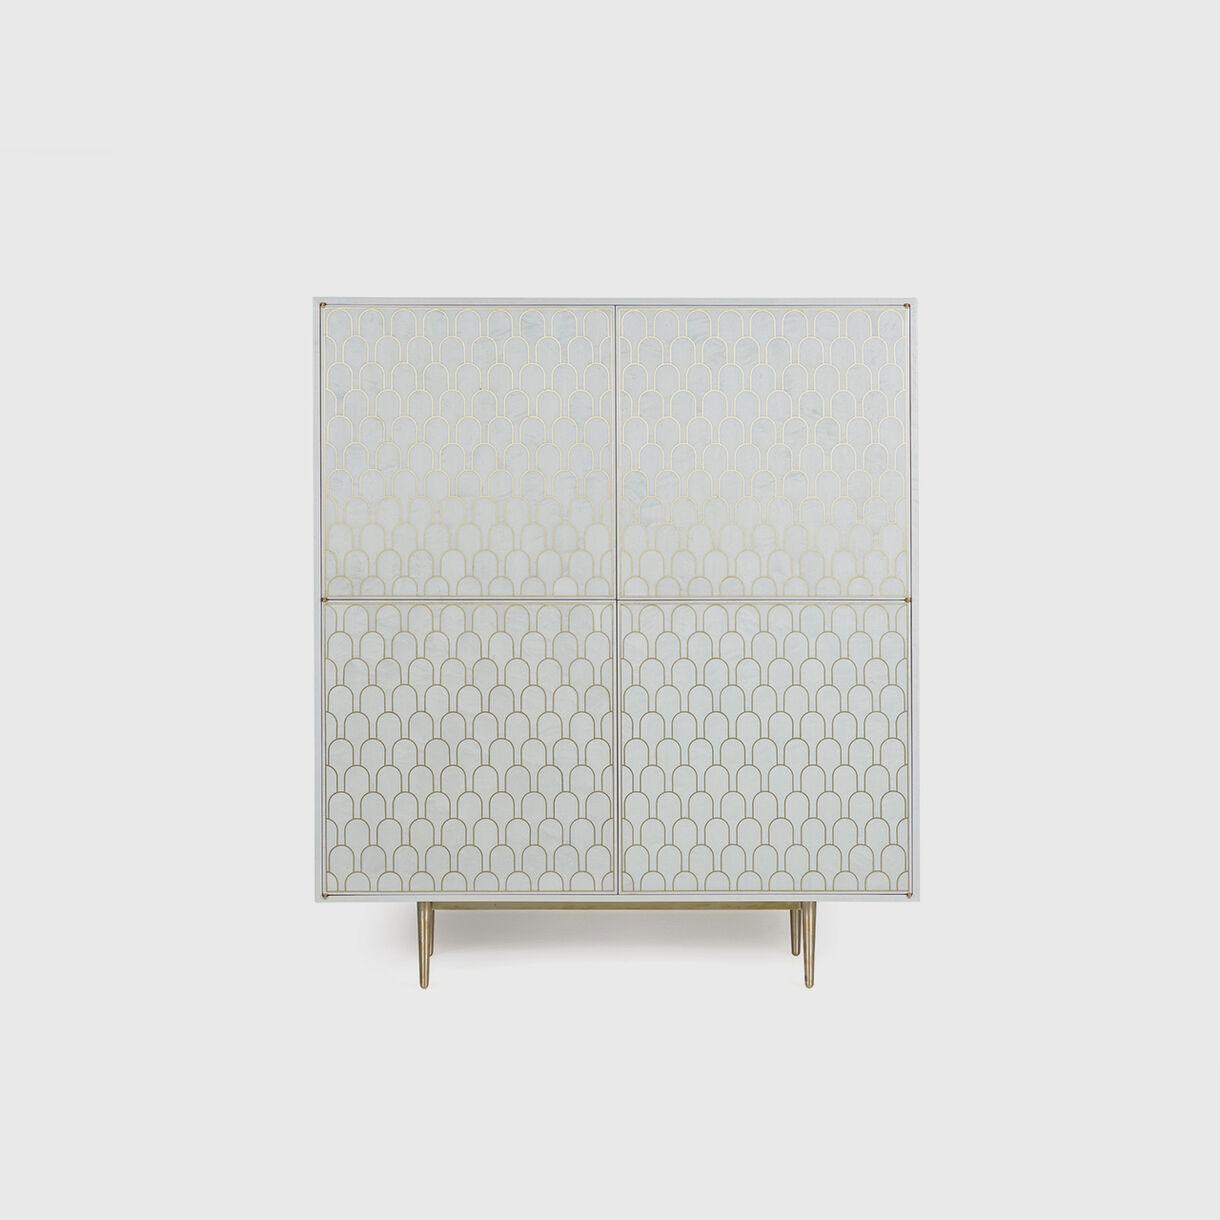 Nizwa 2 by 2-Door Cabinet, White & Brass